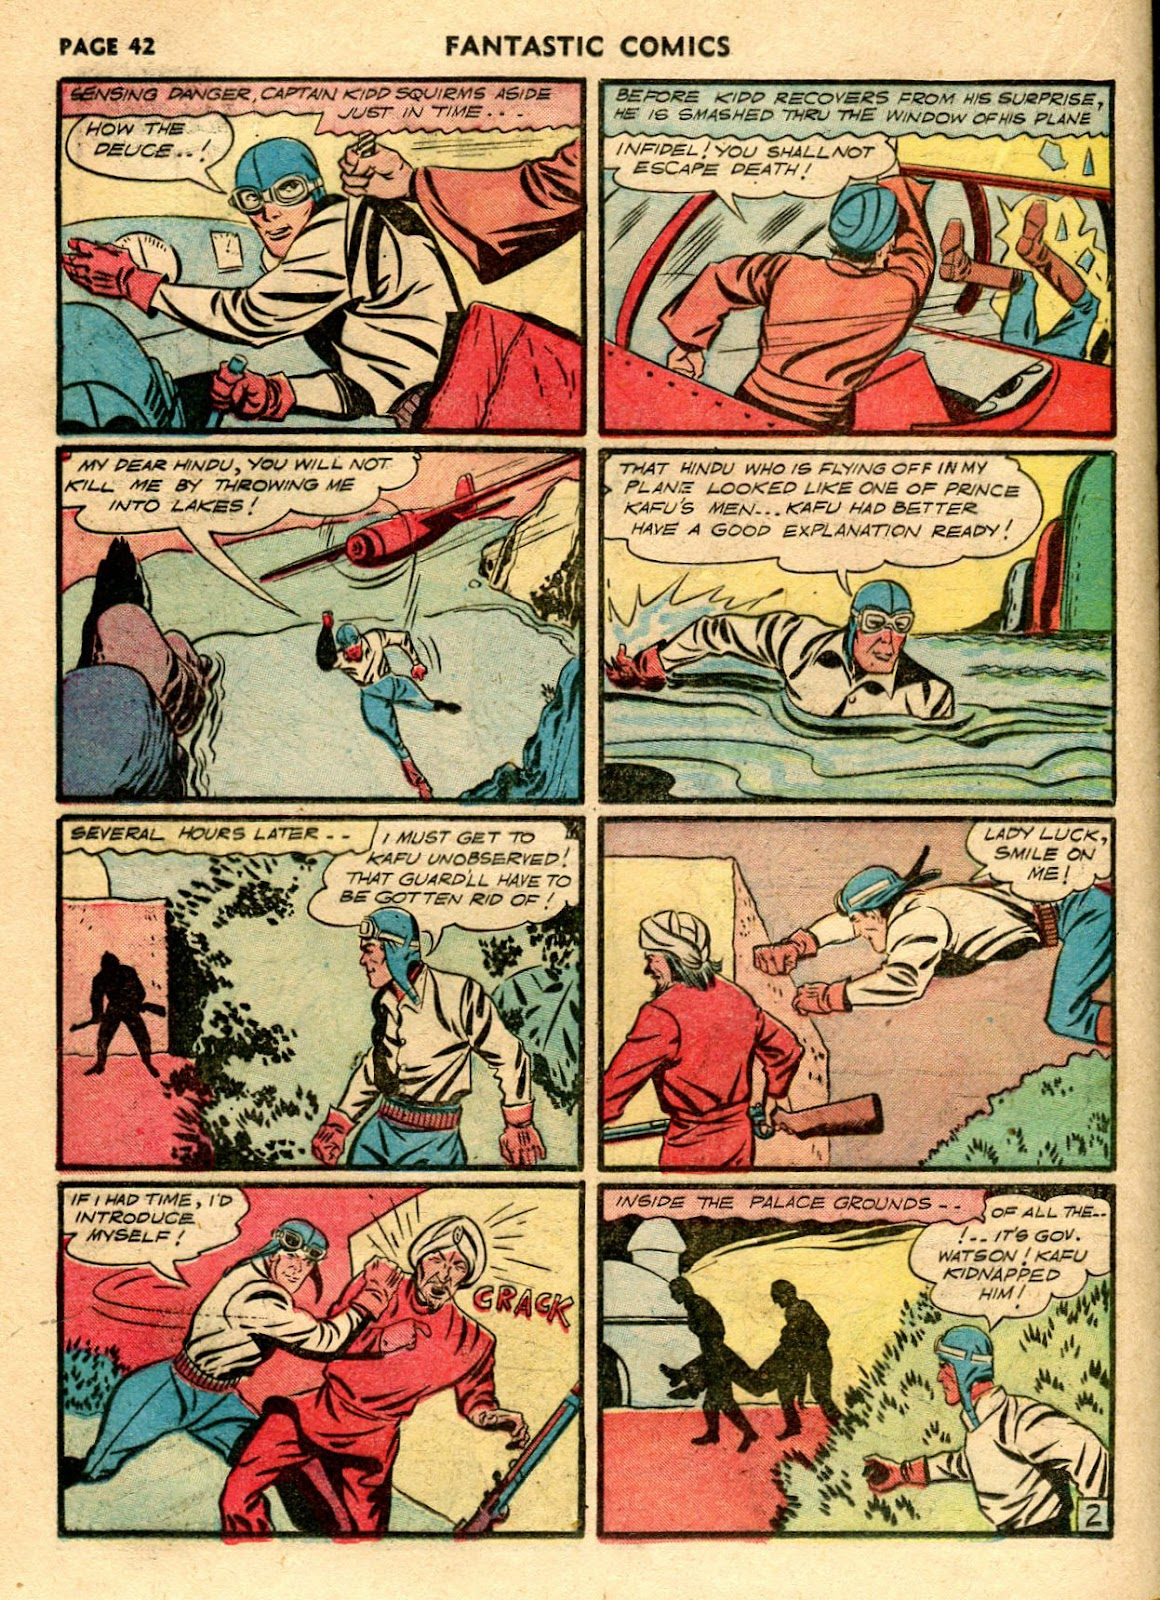 Read online Fantastic Comics comic -  Issue #21 - 40